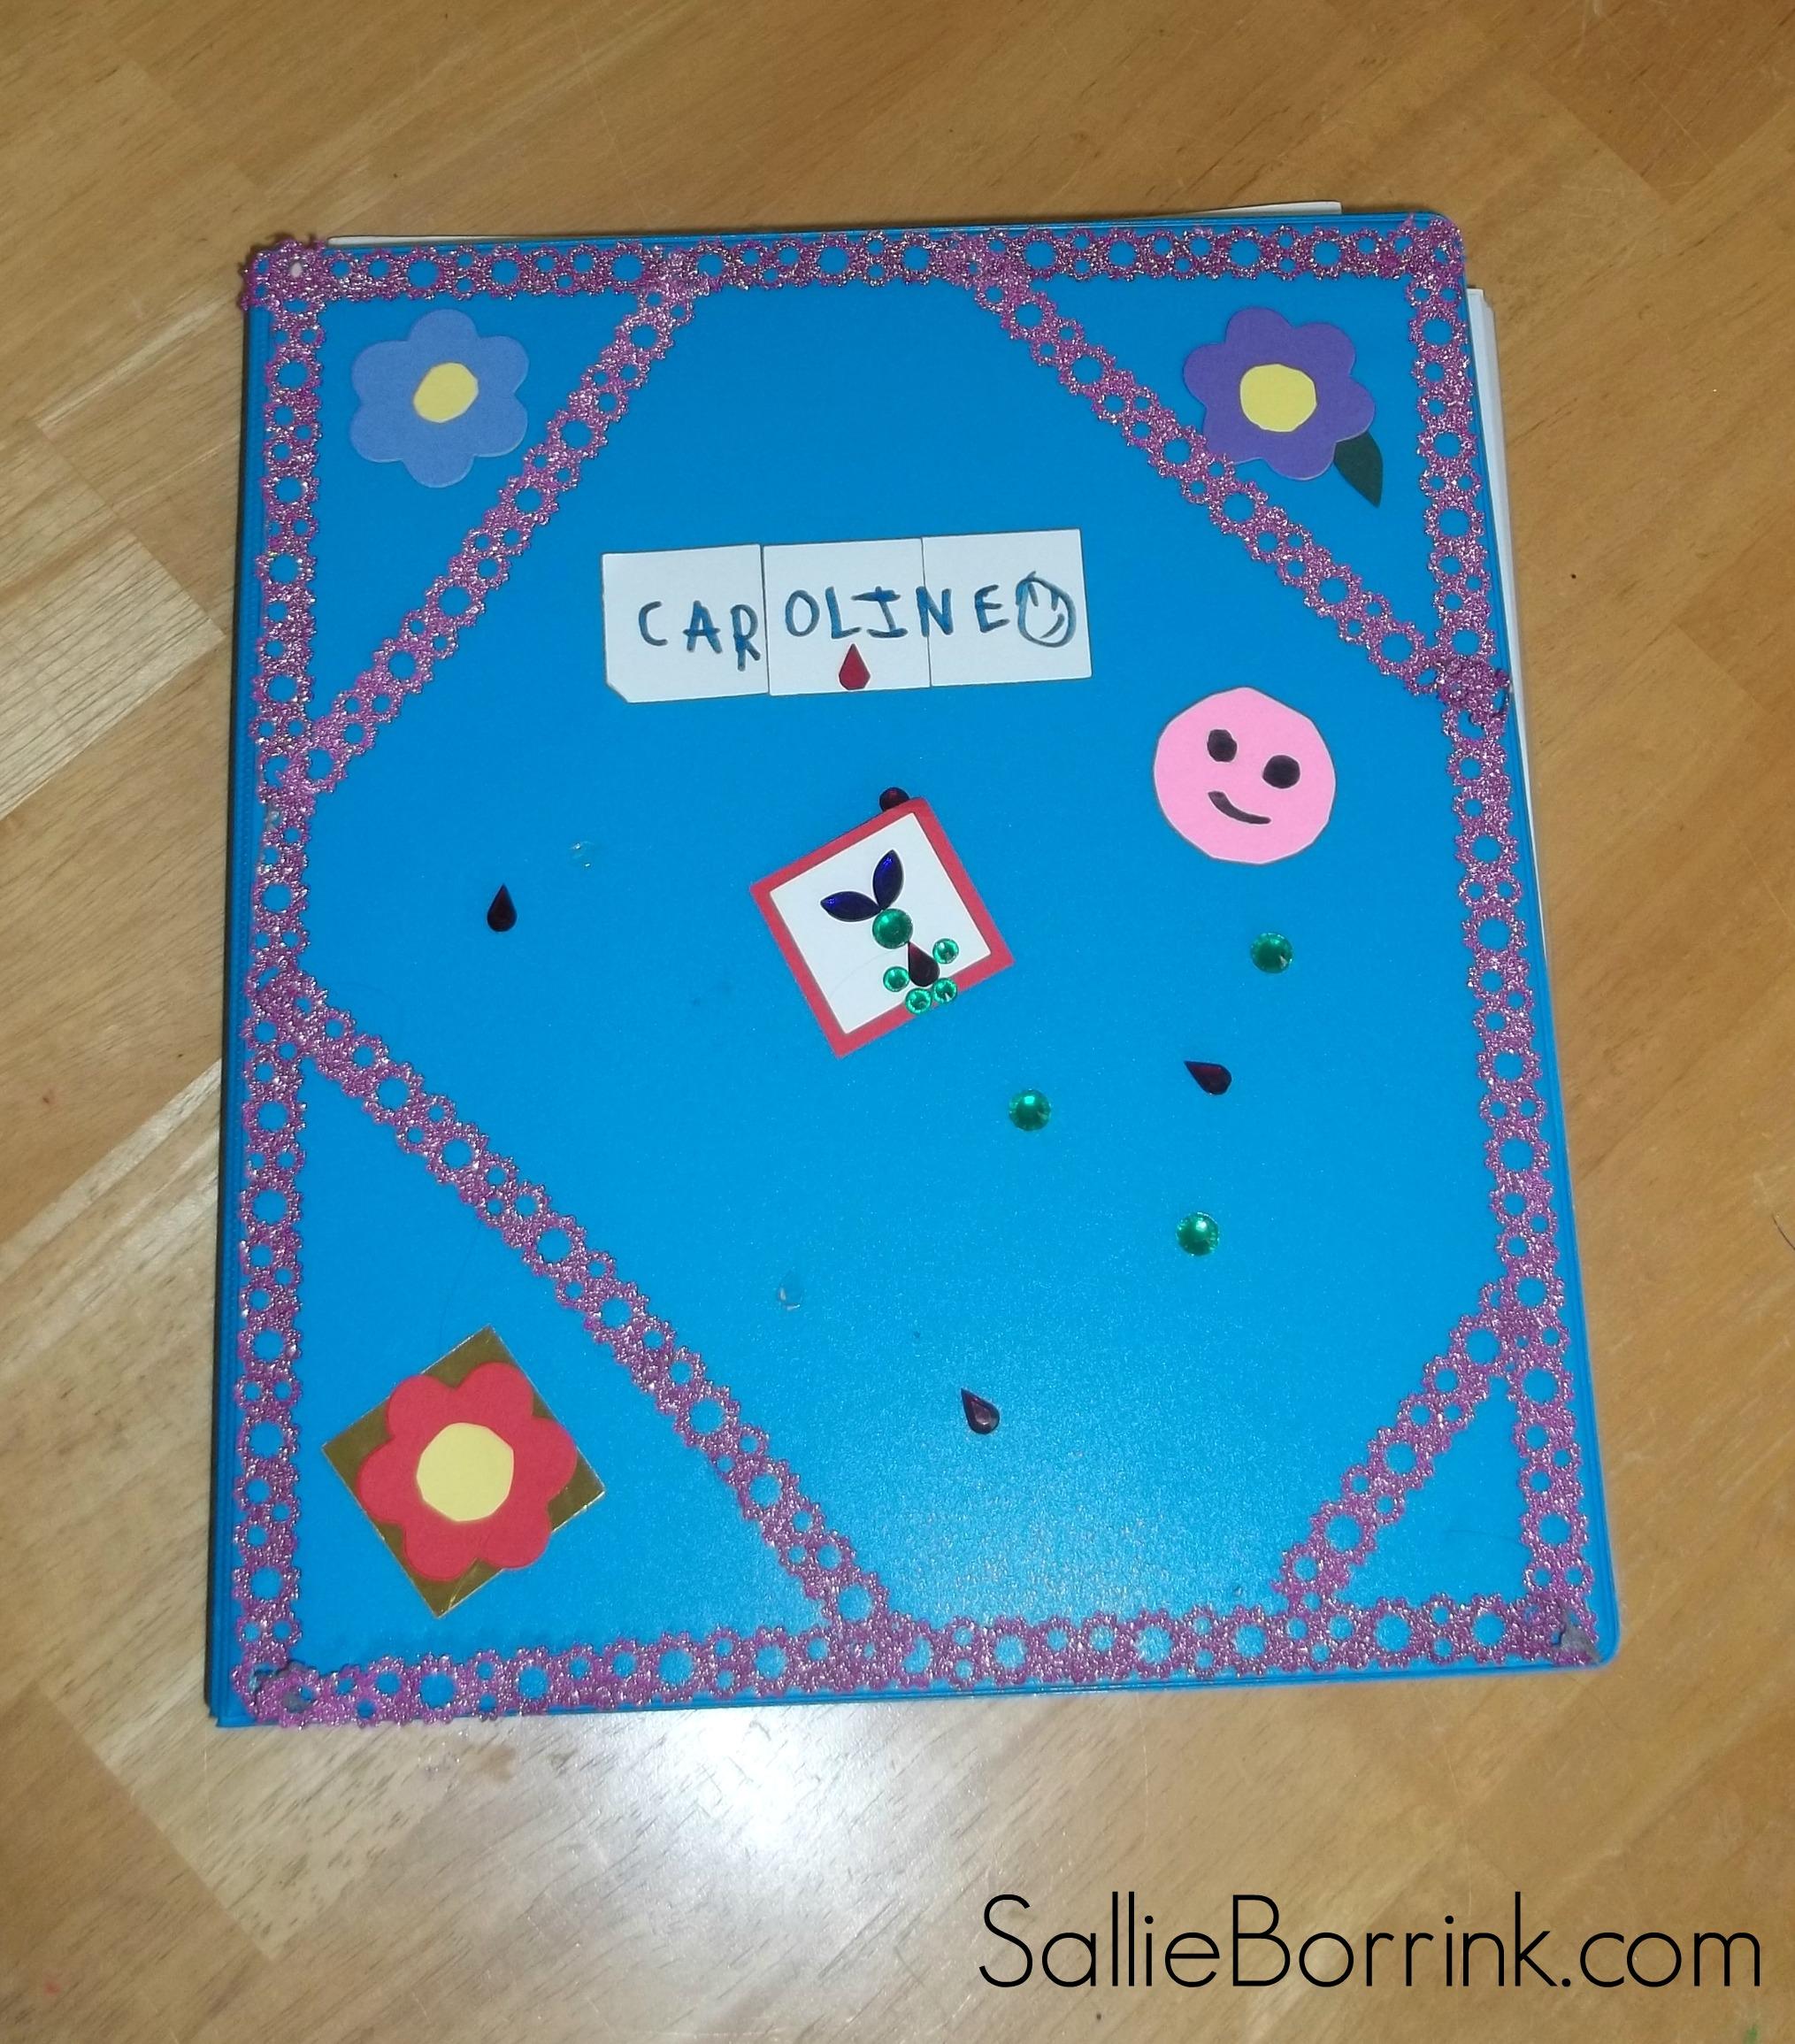 Caroline notebook cover